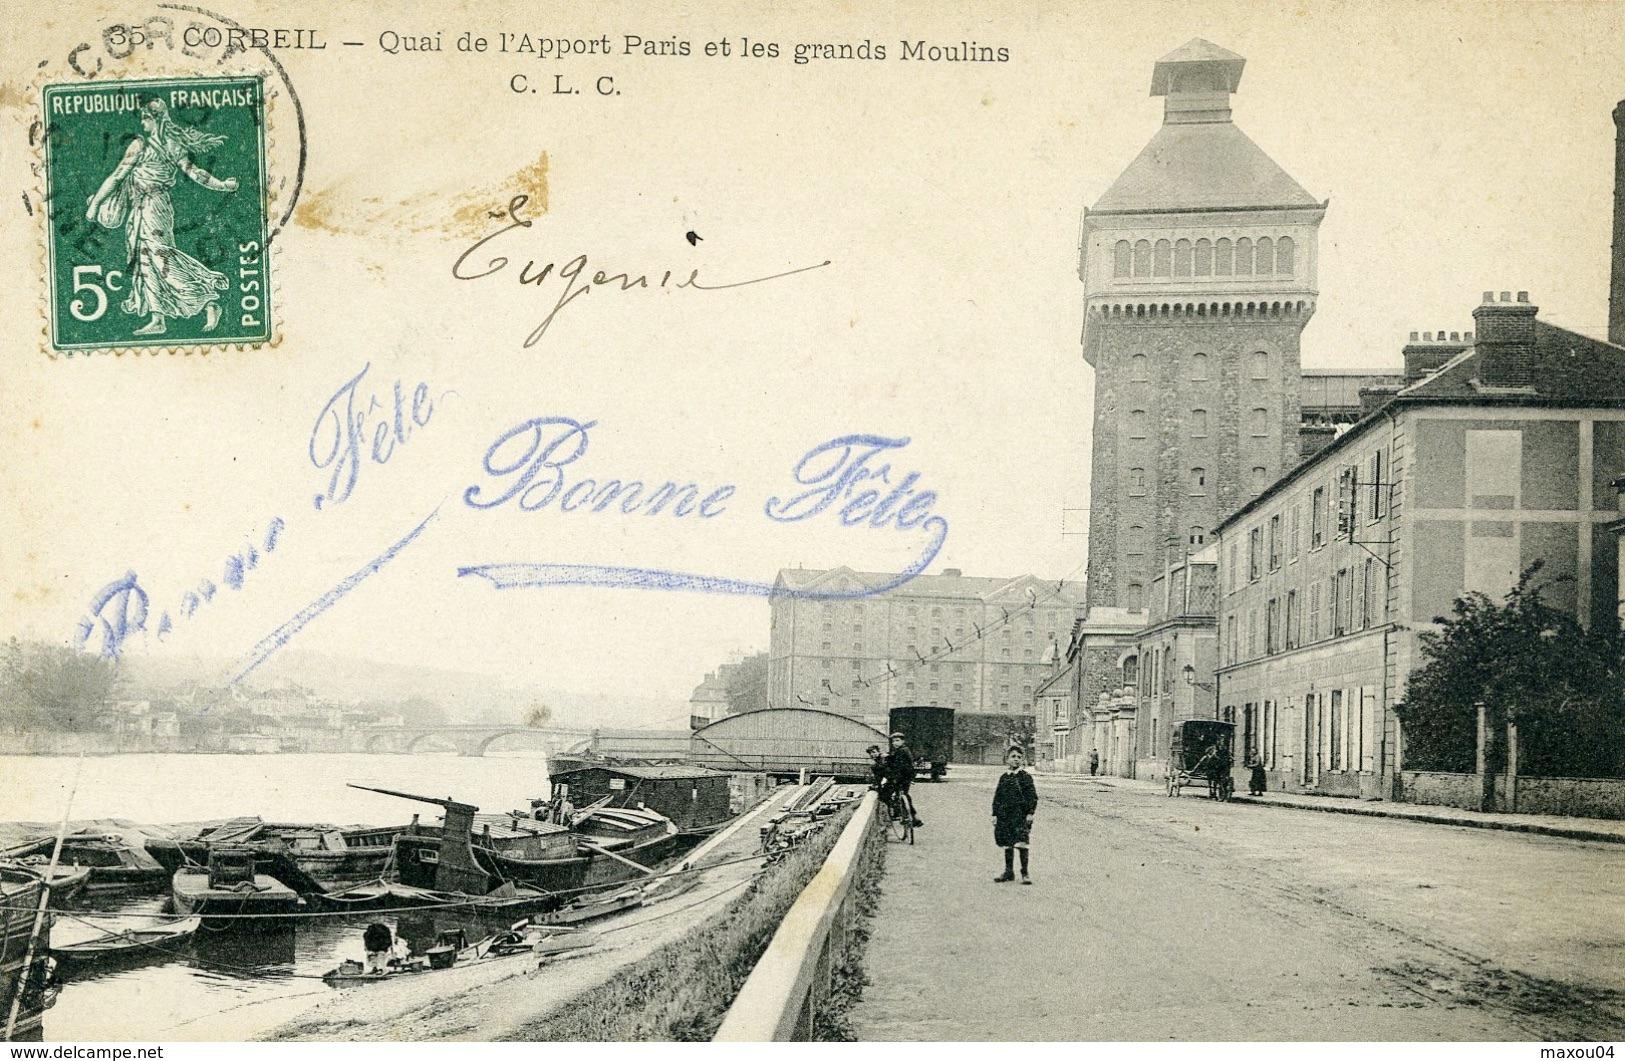 CORBEIL ESSONNES - Quai De L'Apport Paris Et Les Grands Moulins - Corbeil Essonnes